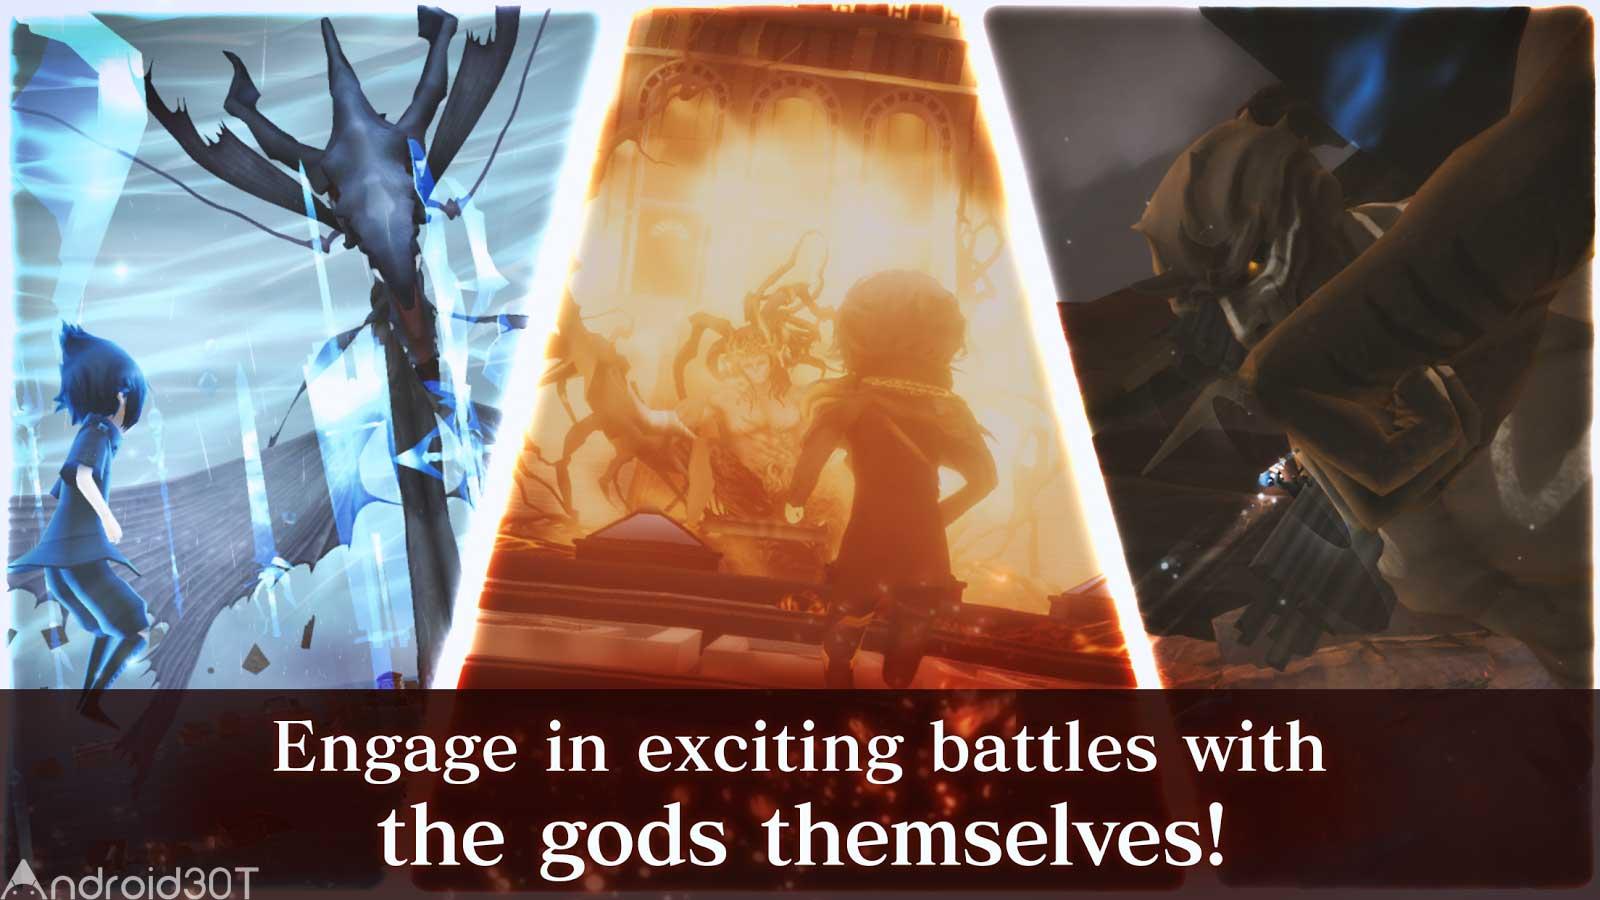 دانلود Final Fantasy XV Pocket Edition 1.0.2.241 – بازی فاینال فانتزی اندروید